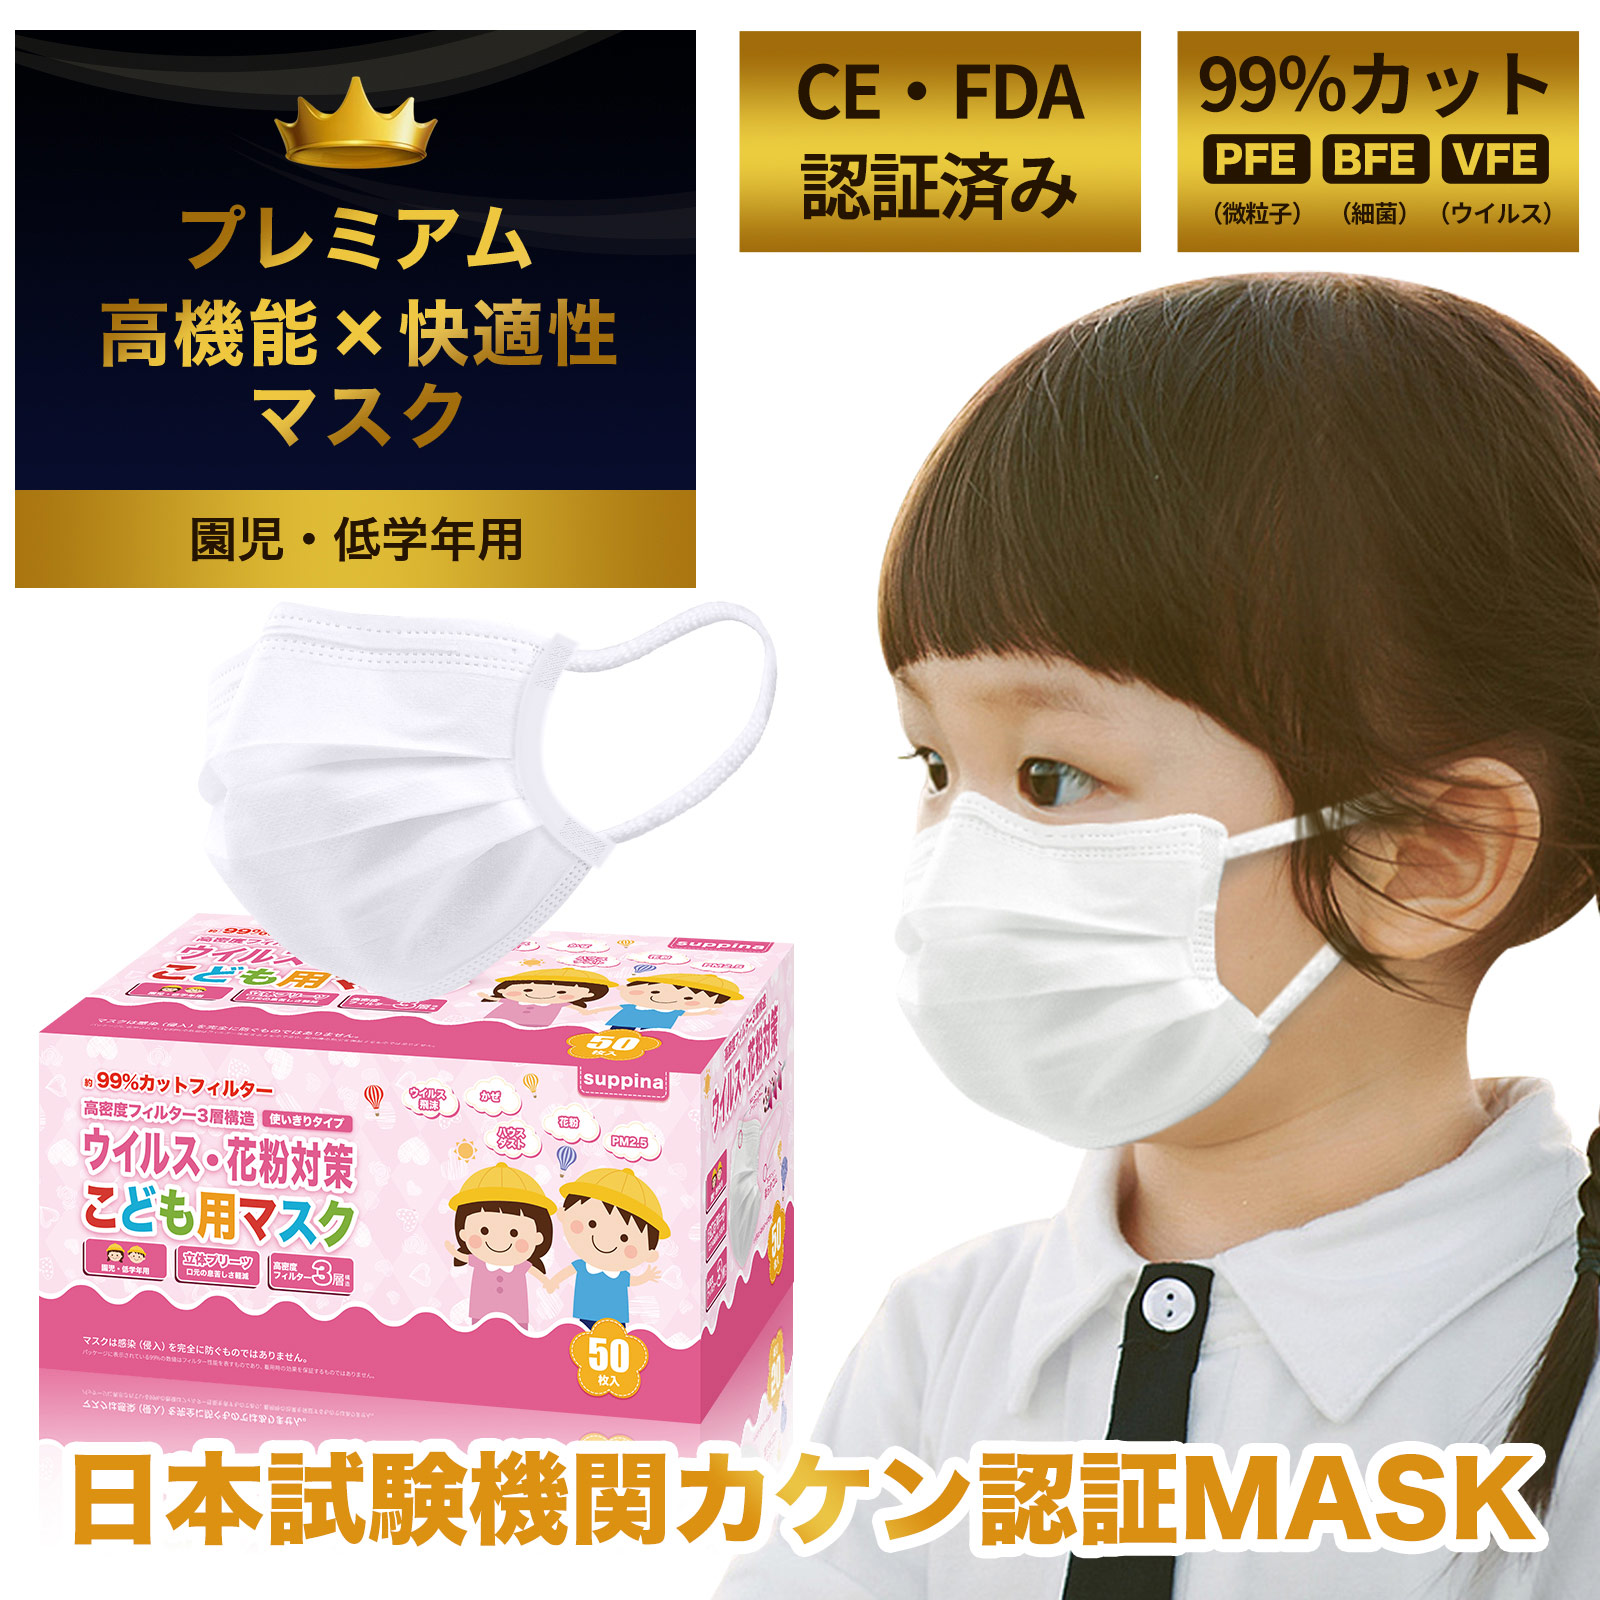 ★即納★ 日本機構検査済 suppina 99%CUT こどもマスク 園児・低学年用 高機能マスク お徳用 50枚入 MASK